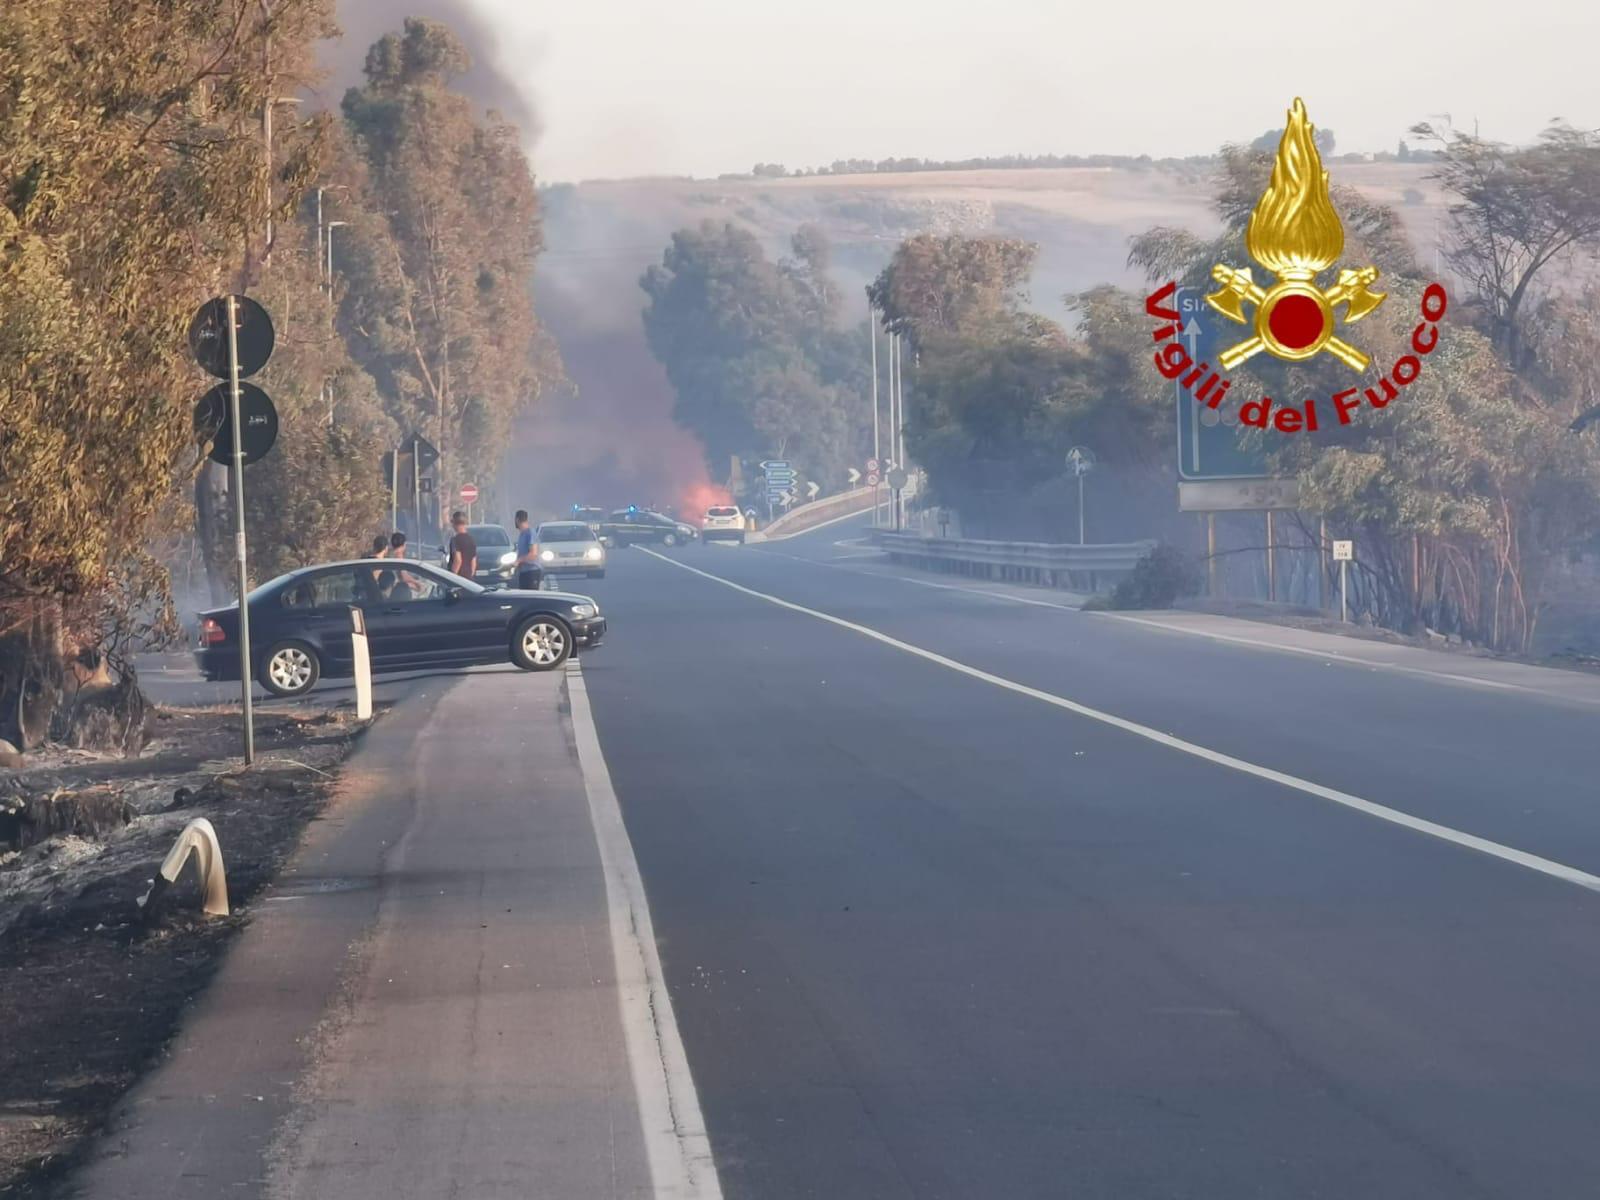 Una provincia sotto la morsa degli incendi